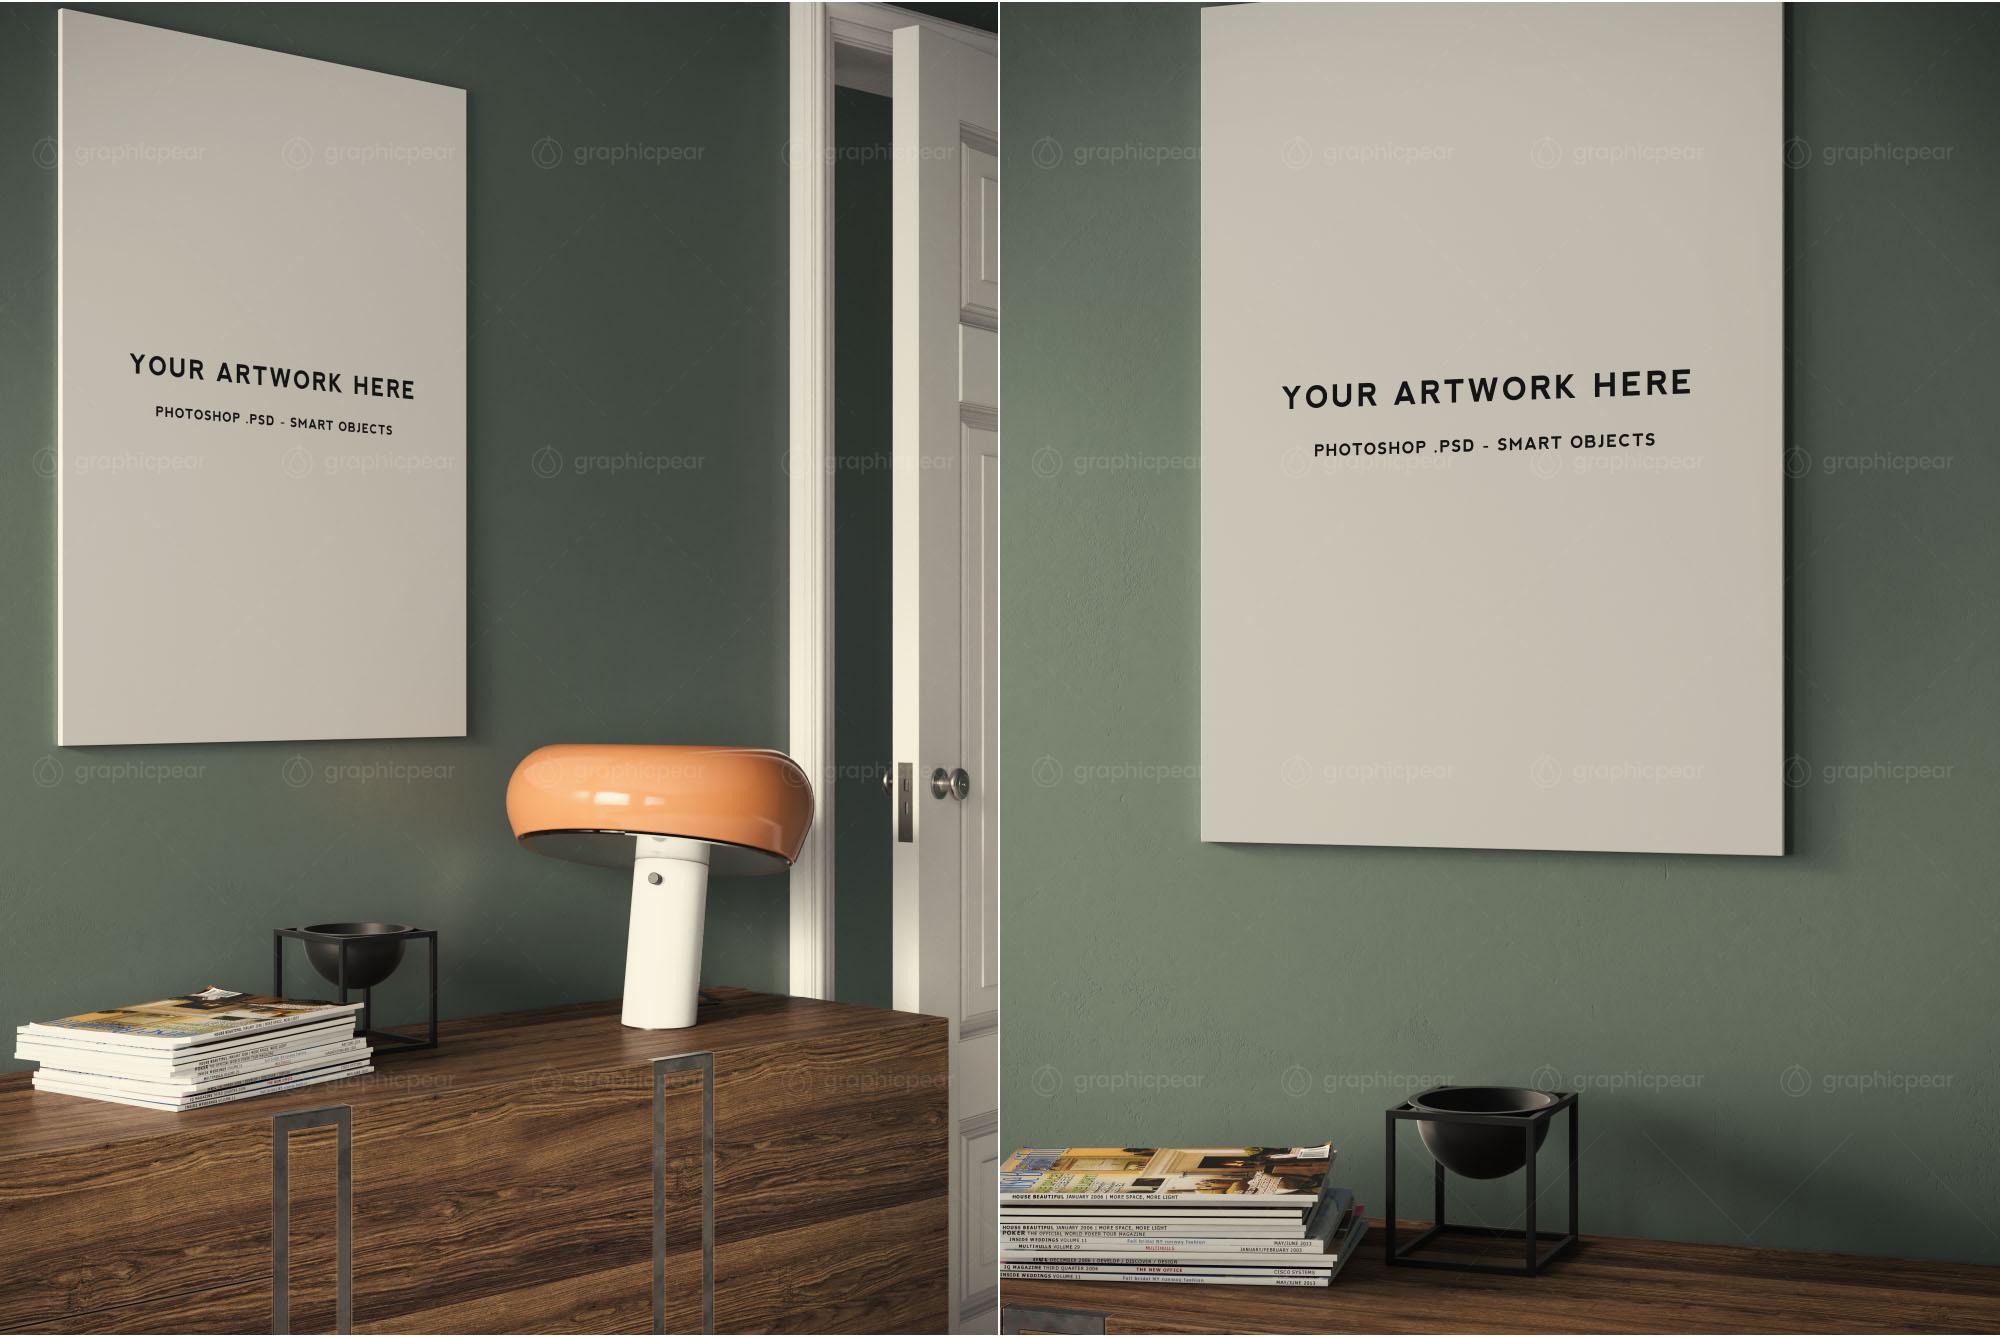 frameless a1 poster interior scene mockup